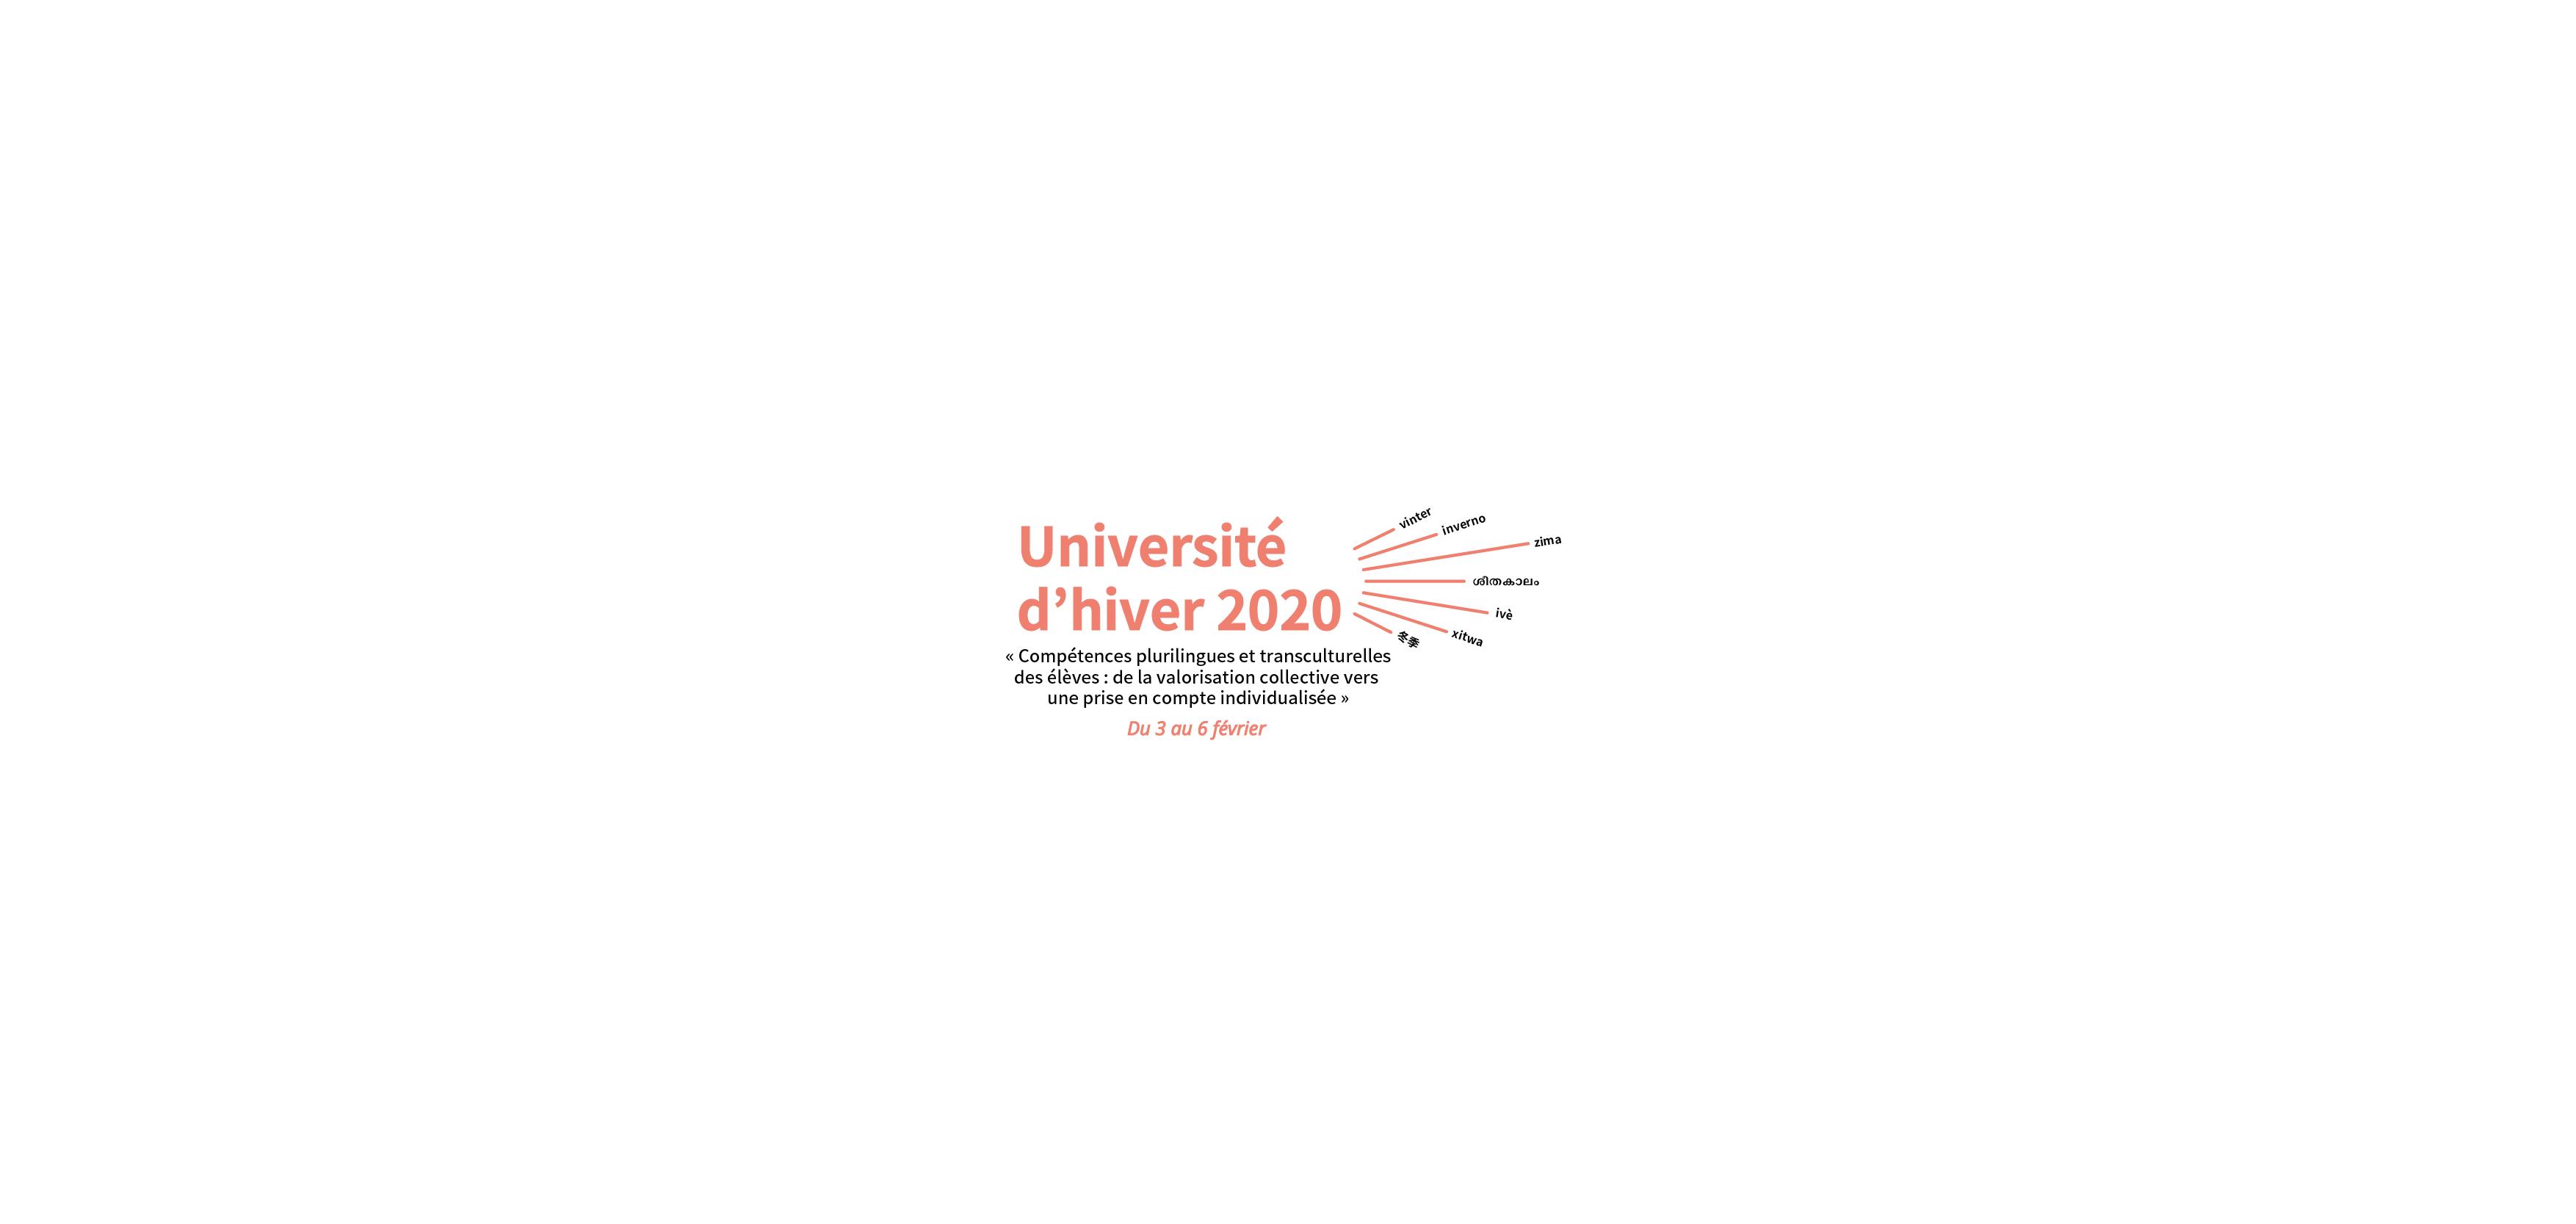 Université d'hiver 2020 OK_Plan de travail 1